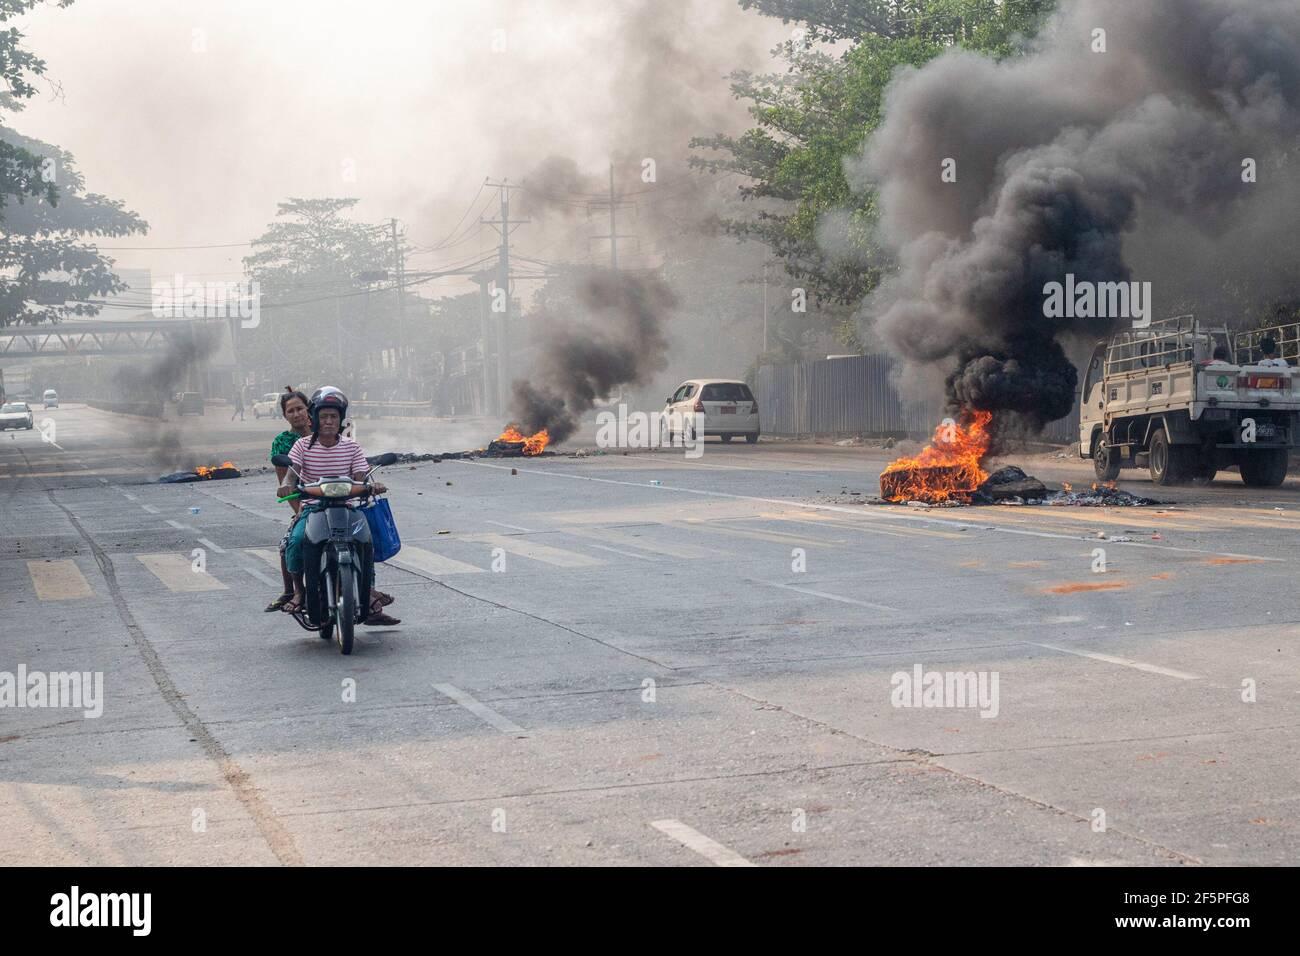 Un automobiliste passe devant des pneus en feu dans la rue lors d'une manifestation contre le coup d'État militaire.la police et les militaires du Myanmar (tatmadow) ont attaqué les manifestants avec des balles en caoutchouc, des munitions vivantes, des gaz lacrymogènes et des bombes lacrymogènes en réponse aux manifestants anti-coup d'État militaire de samedi, tuant plus de 90 personnes et en blessant beaucoup d'autres. Au moins 300 personnes ont été tuées au Myanmar depuis le coup d'État du 1er février, a déclaré un responsable des droits de l'homme de l'ONU. L'armée du Myanmar a détenu le conseiller d'État du Myanmar Aung San Suu Kyi le 01 février 2021 et a déclaré l'état d'urgence en s'emparant de la puissance Banque D'Images